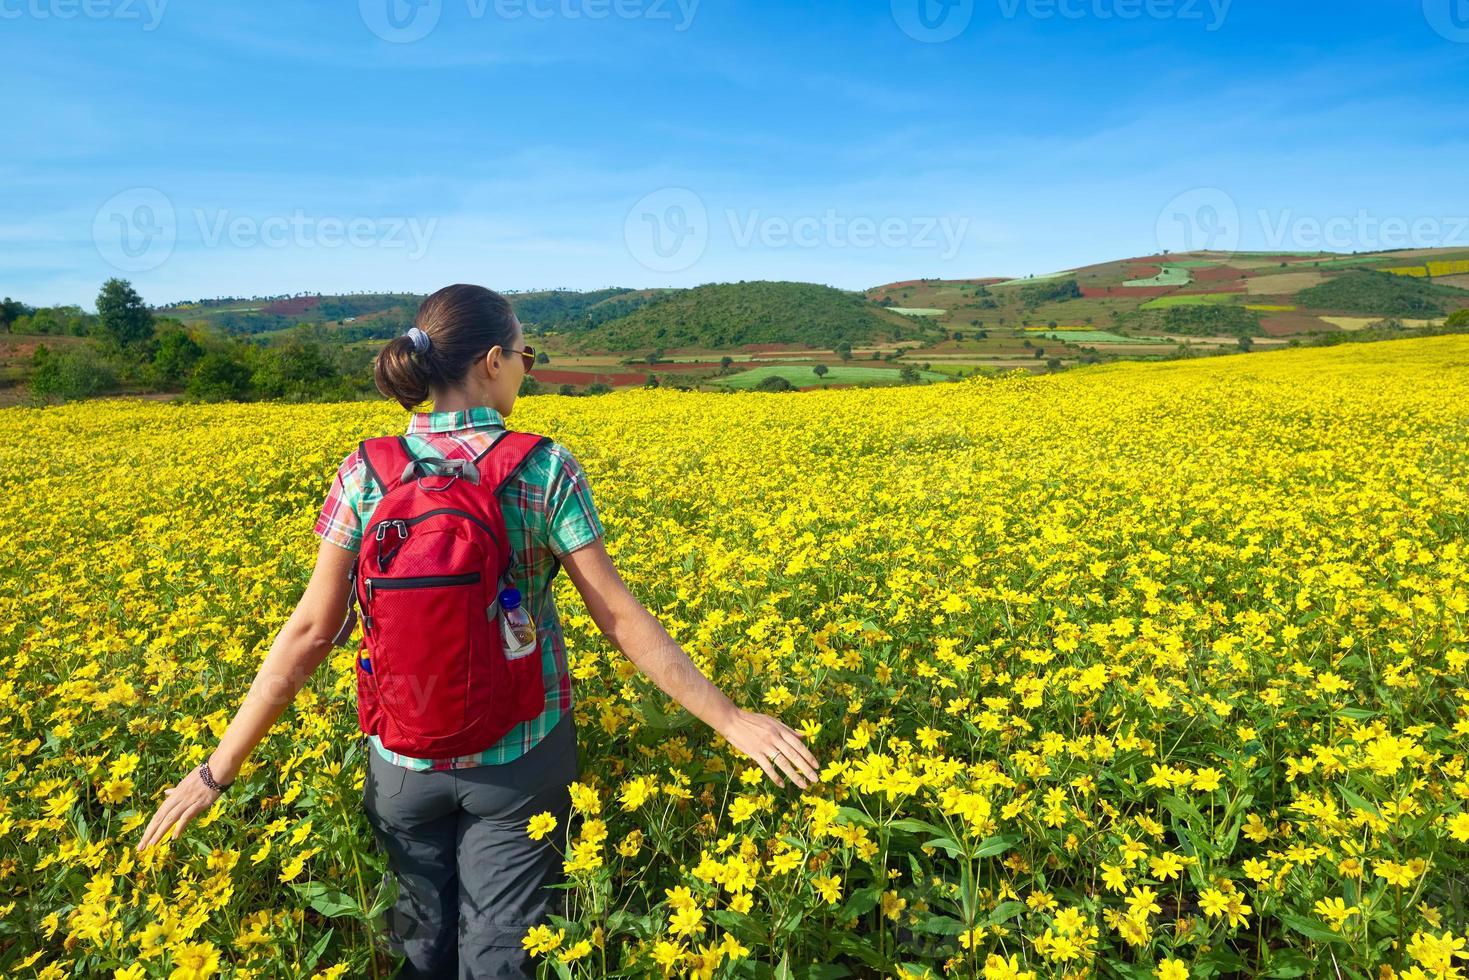 jeune femme touriste se promène sur le fond des champs colorés. photo